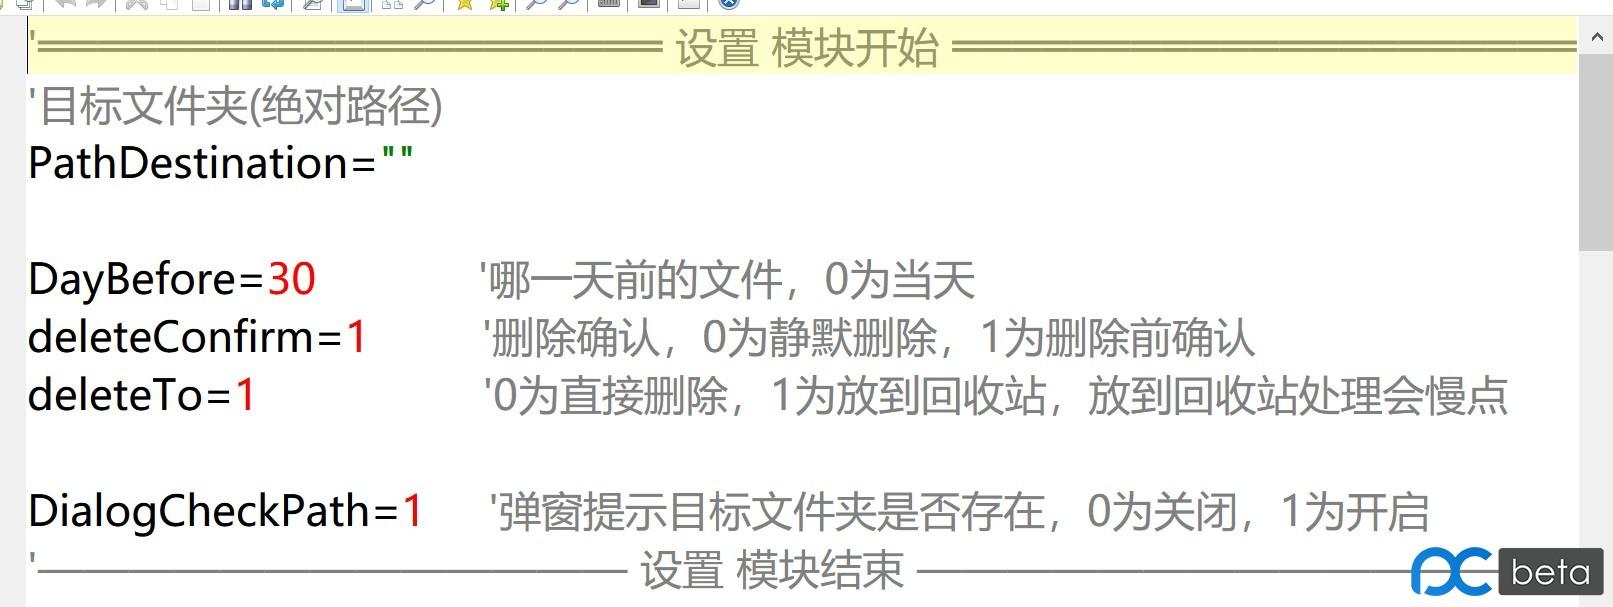 删除n天前文件_2.jpg